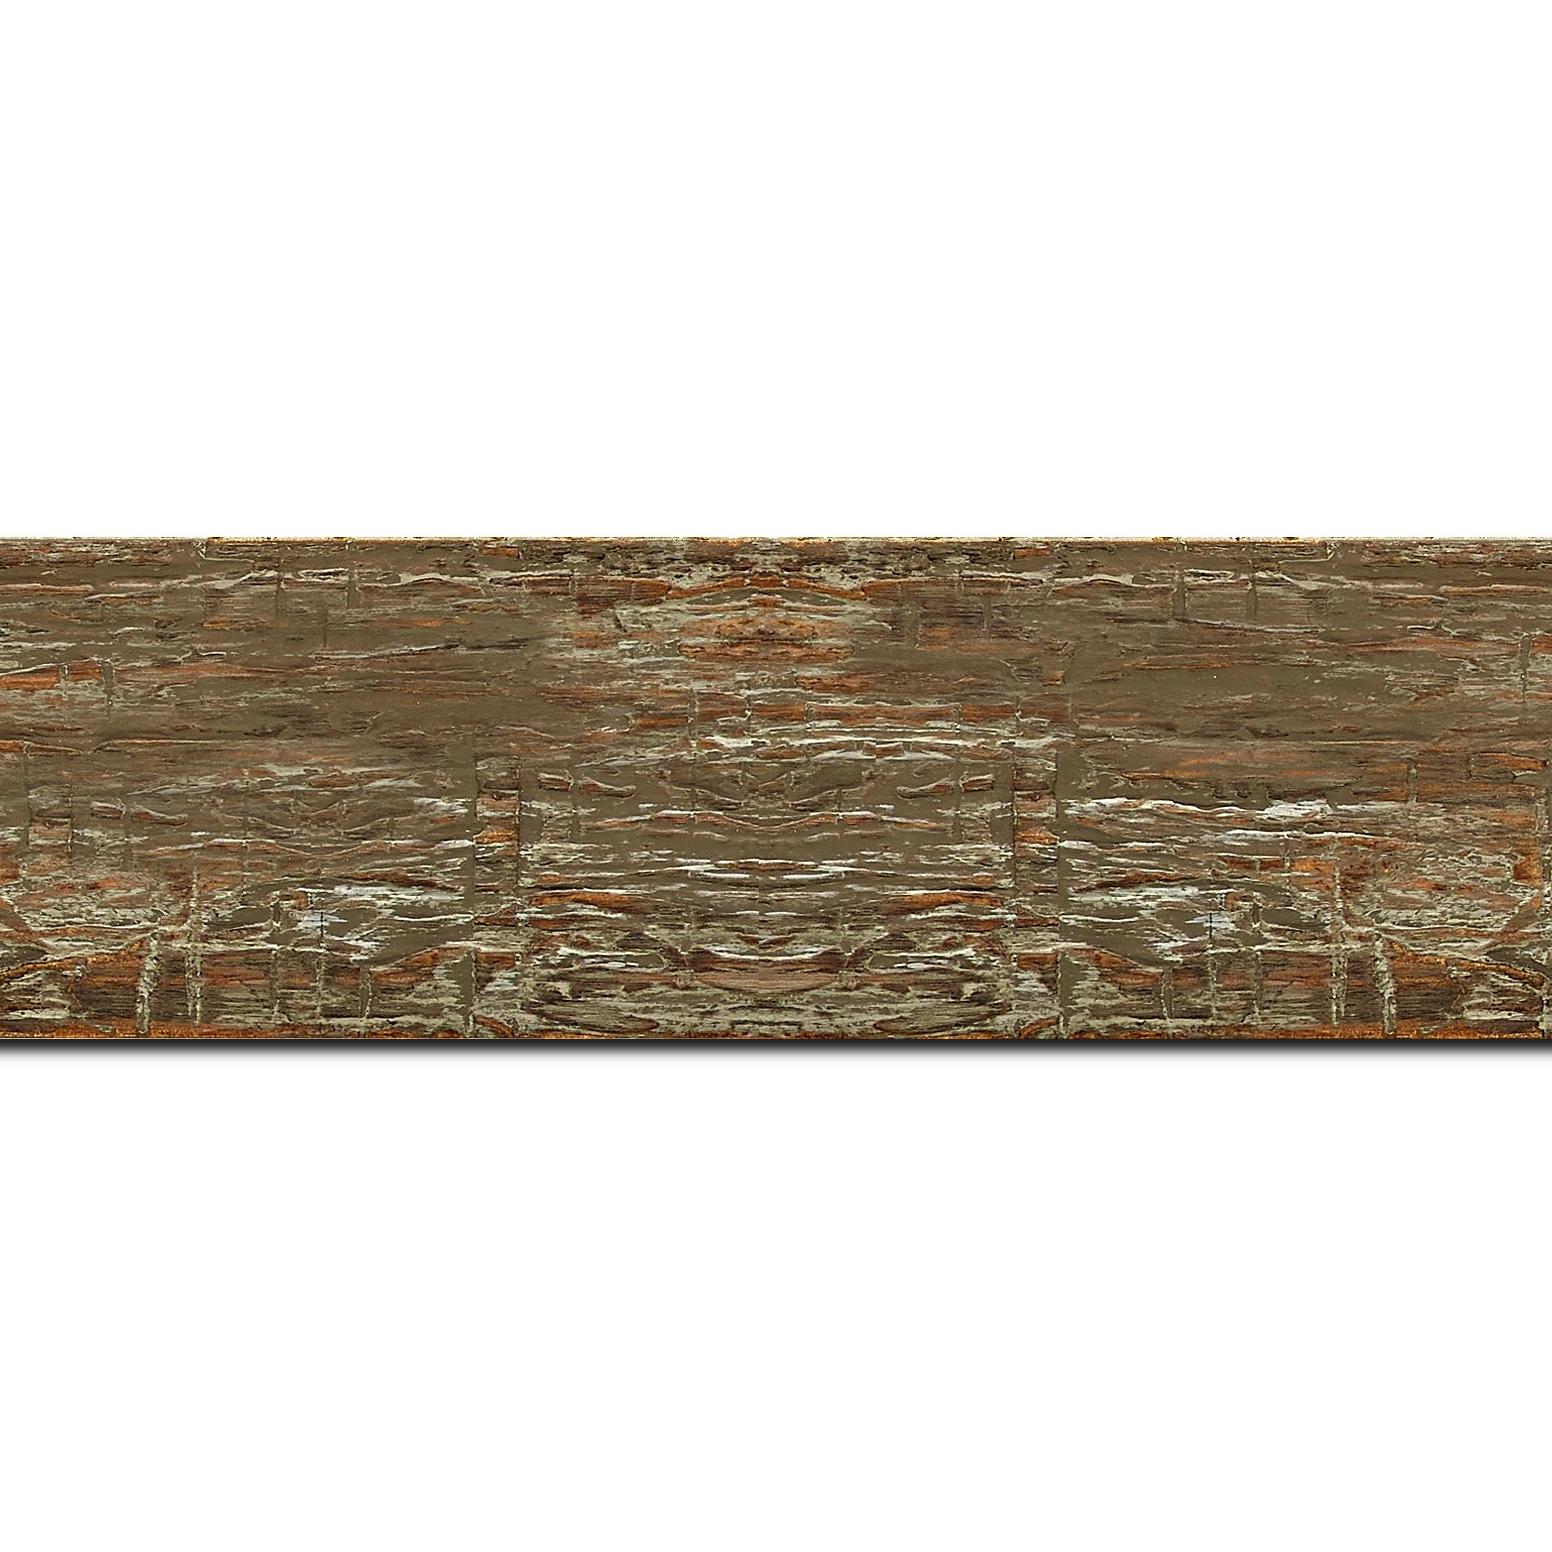 Baguette longueur 1.40m bois profil plat largeur 5cm couleur marron vieilli finition bois brut aspect palette